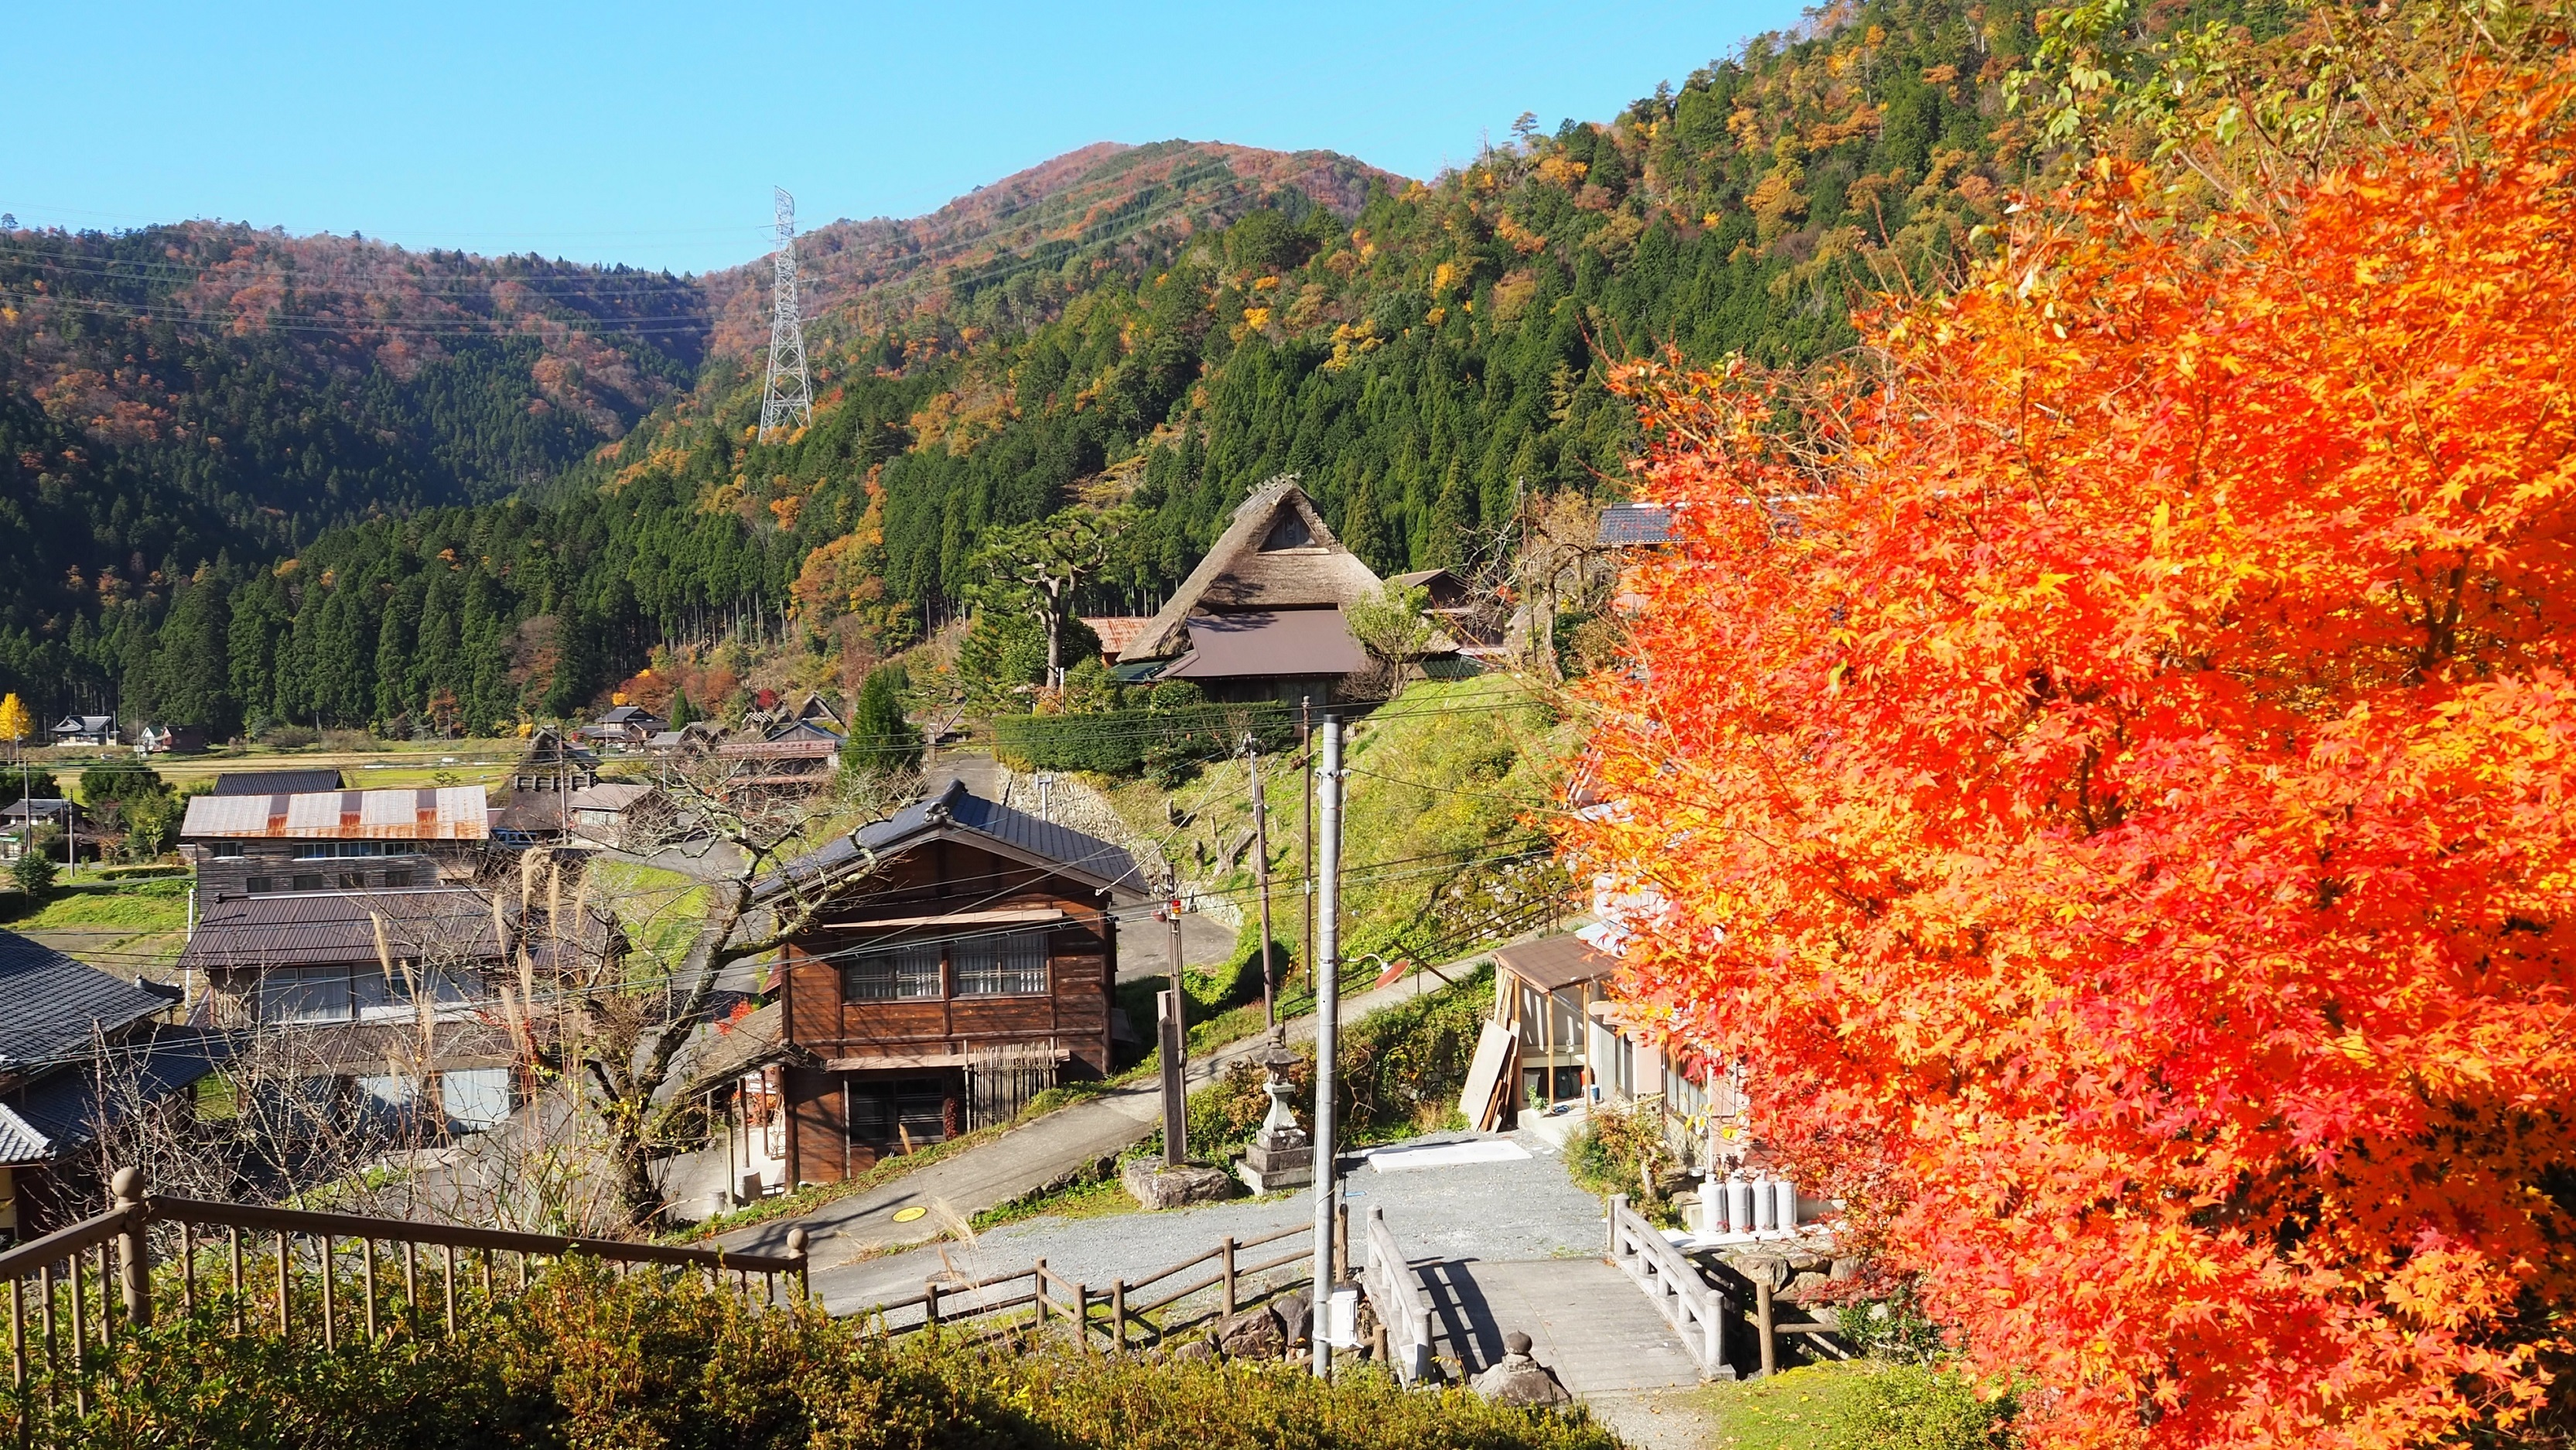 ぴーきち&ダイナ かやぶきの里ツーリング 知井八幡神社の紅葉